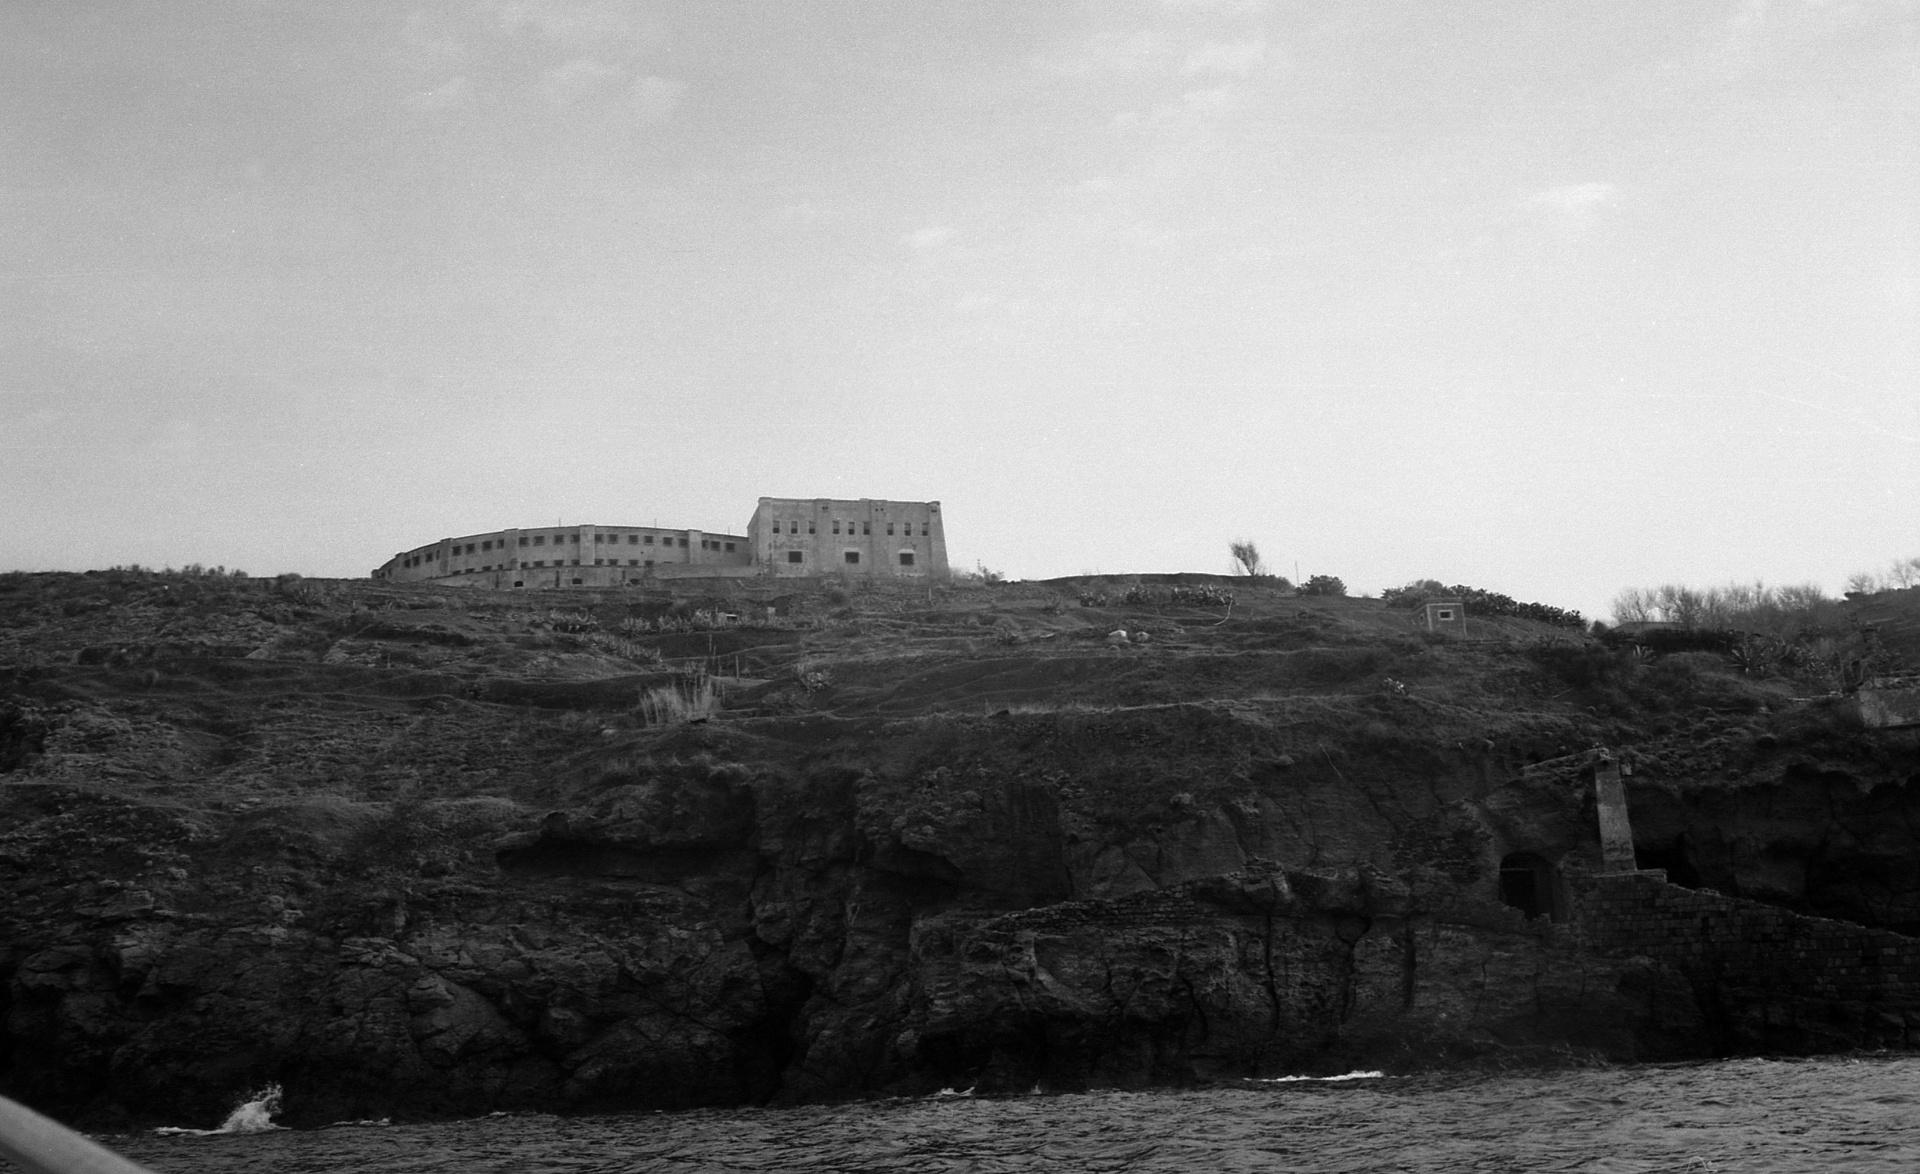 Carcere di Santo Stefano  - 1979, L'ex carcere di Santo Stefano/Ventotene fu costruito nel 1795 nell'arcipelago delle isole ponziane: per quasi due secoli il carcere ha ospitato, assieme a galeotti, i patrioti italiani del